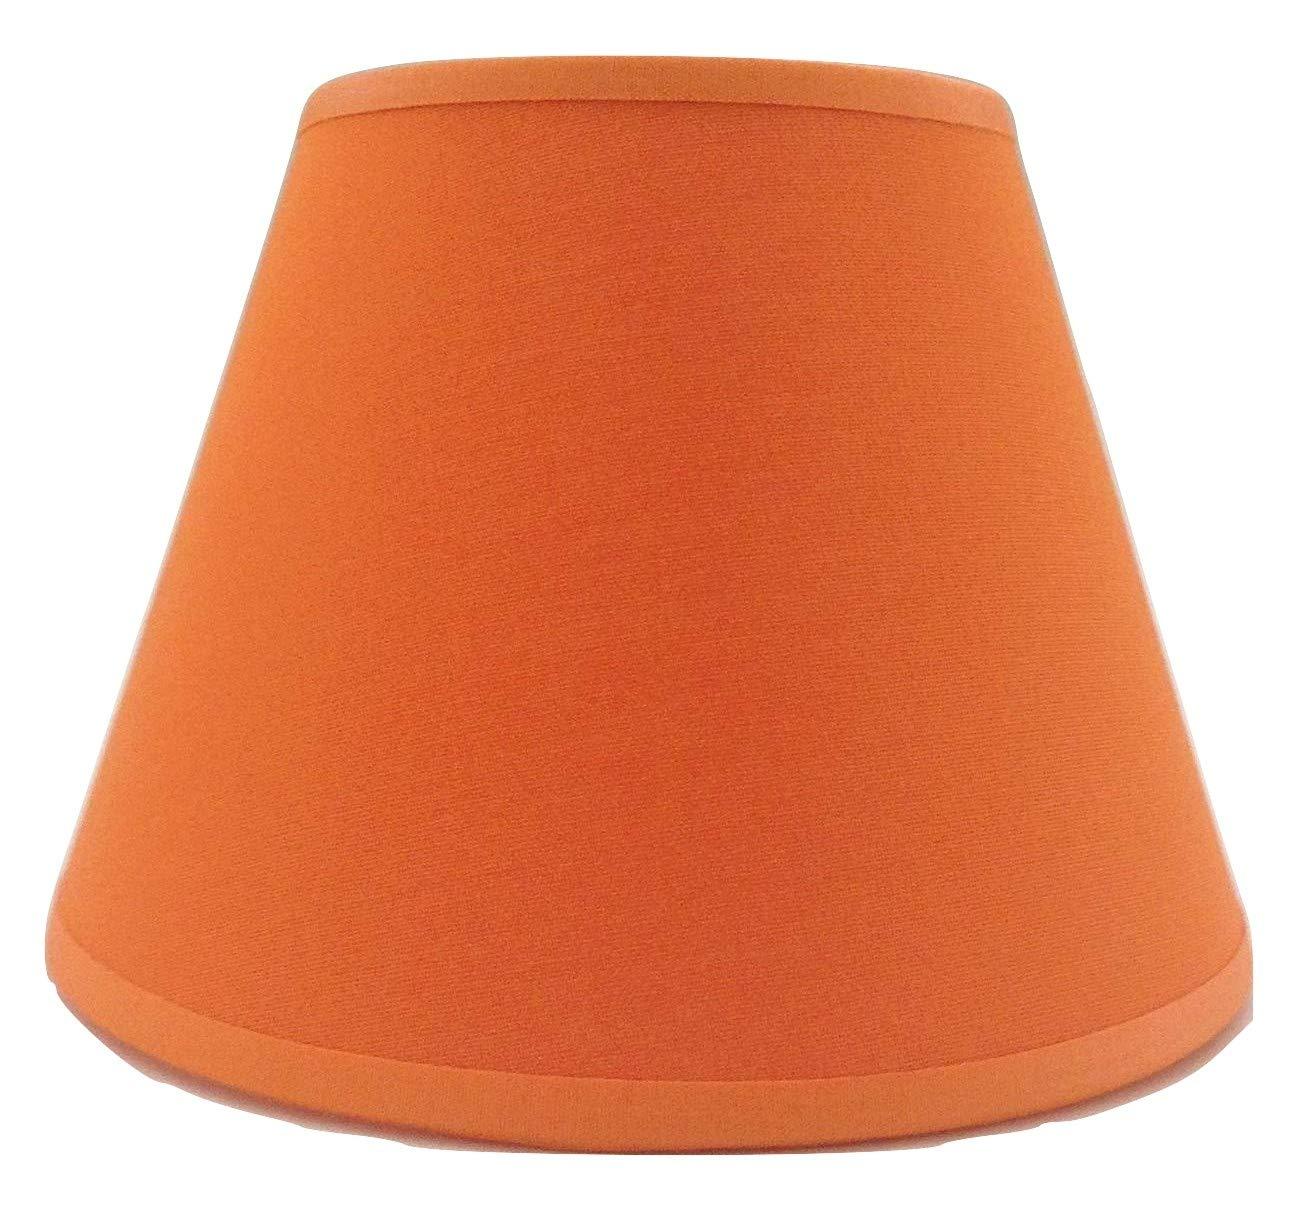 20, 3cm Orange Tissu de coton Abat-jour lumière Abat-jour Table fait à la main. ArG Lighting